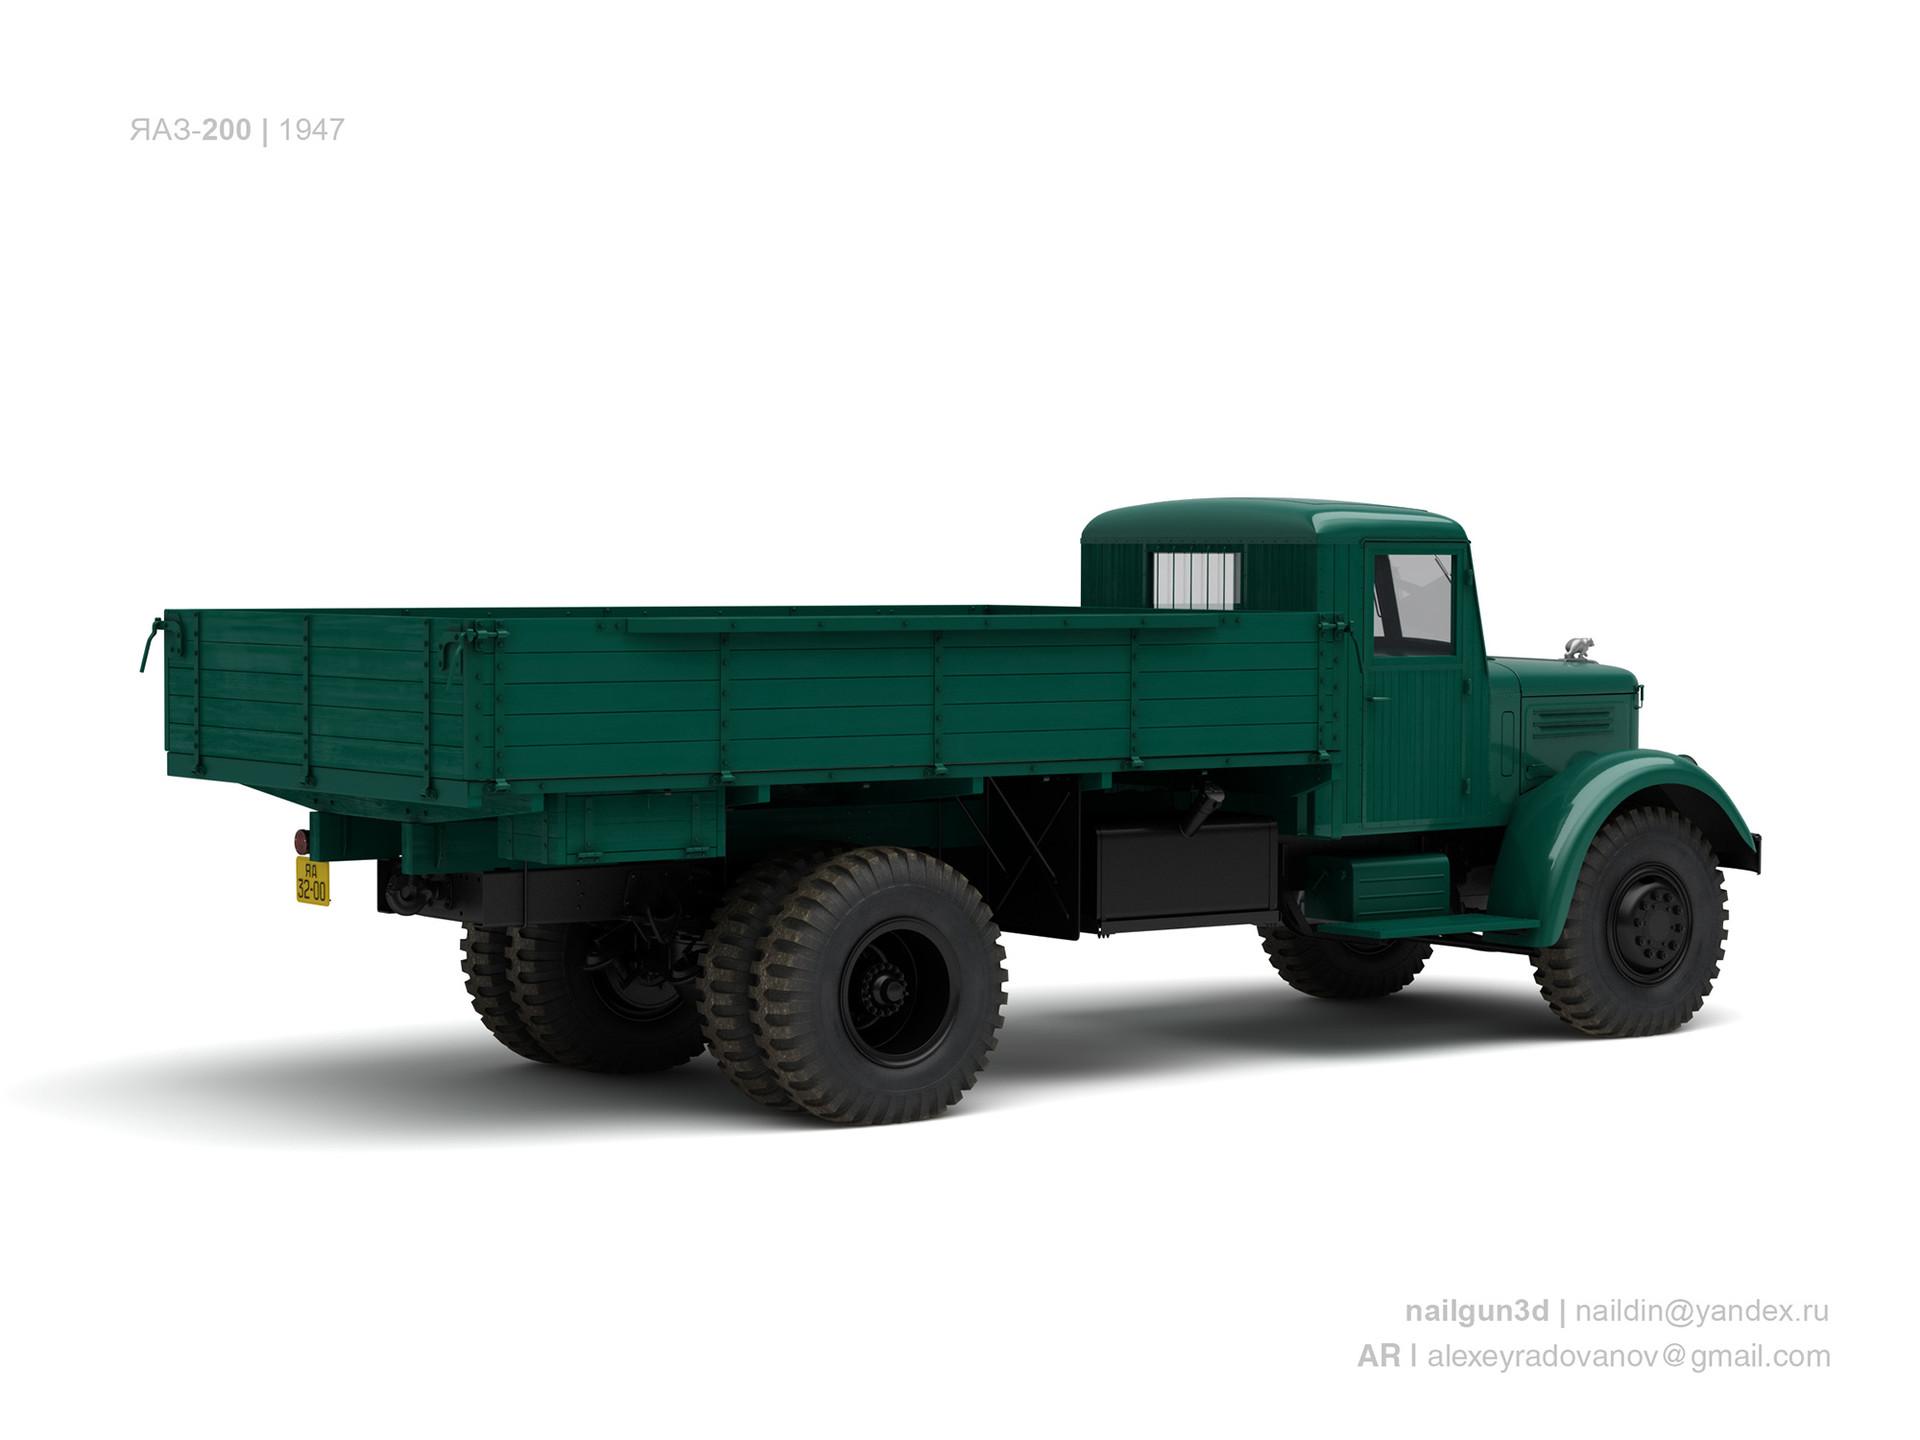 Nail khusnutdinov ussr yaz 200 1947 1